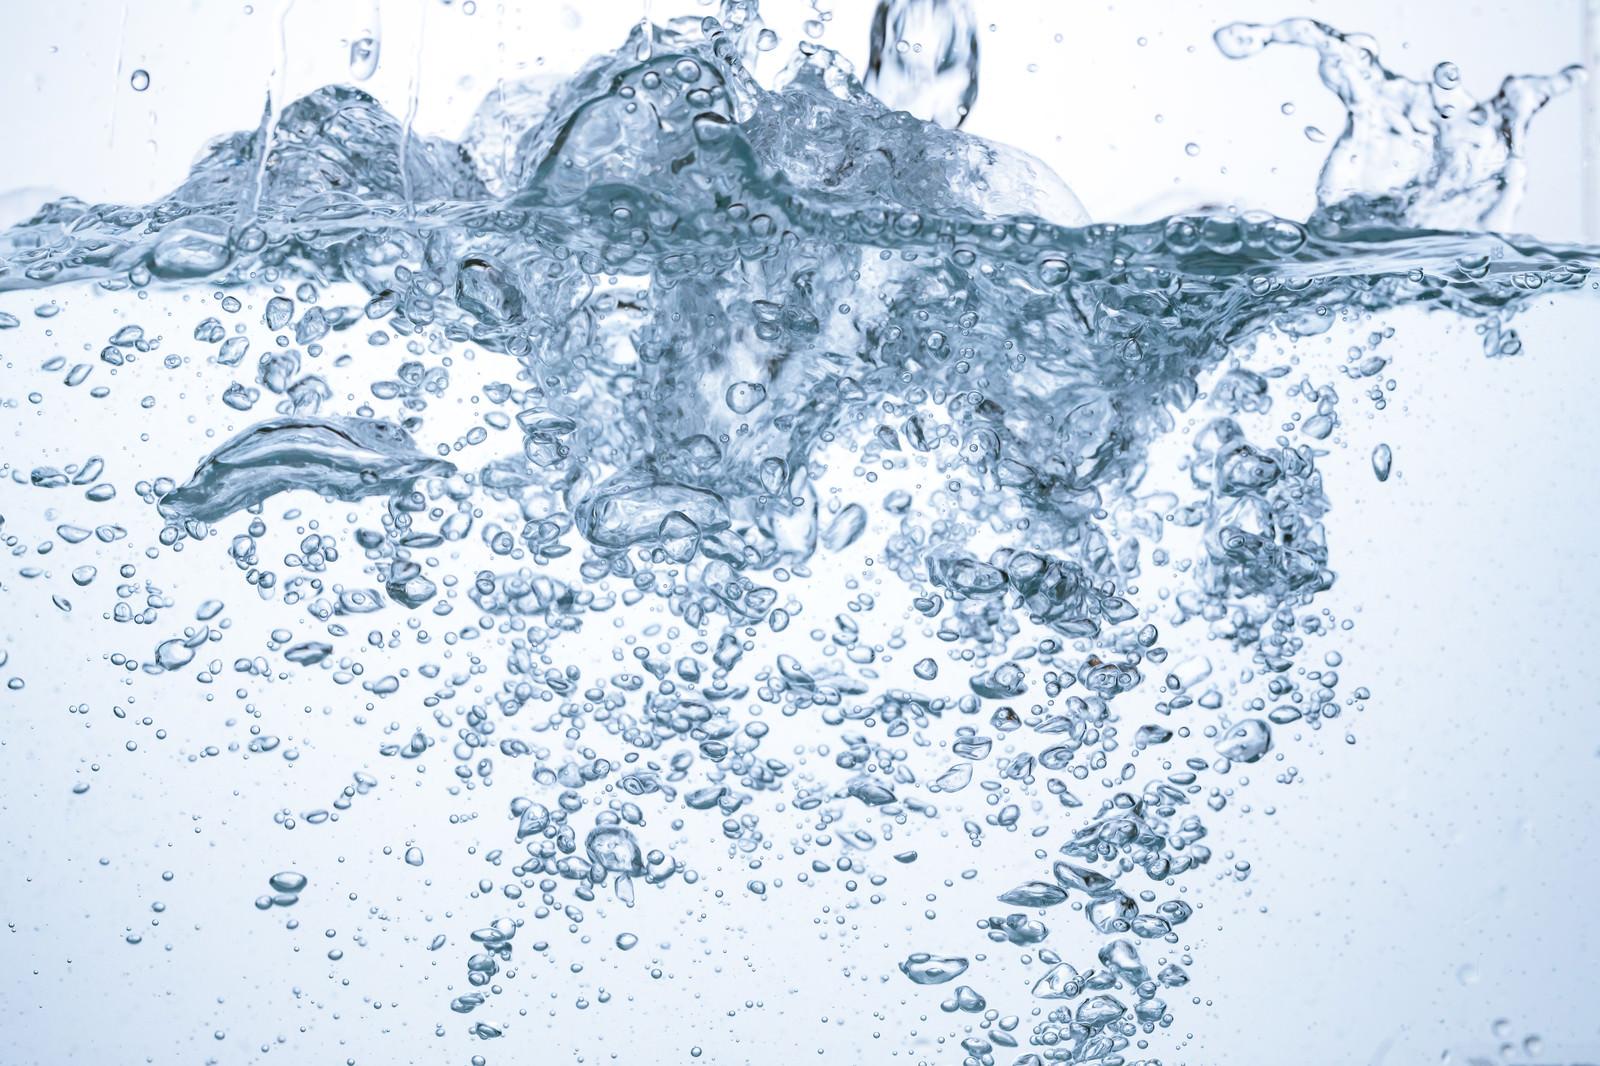 「水槽内に水を勢いよく注ぐ水槽内に水を勢いよく注ぐ」のフリー写真素材を拡大